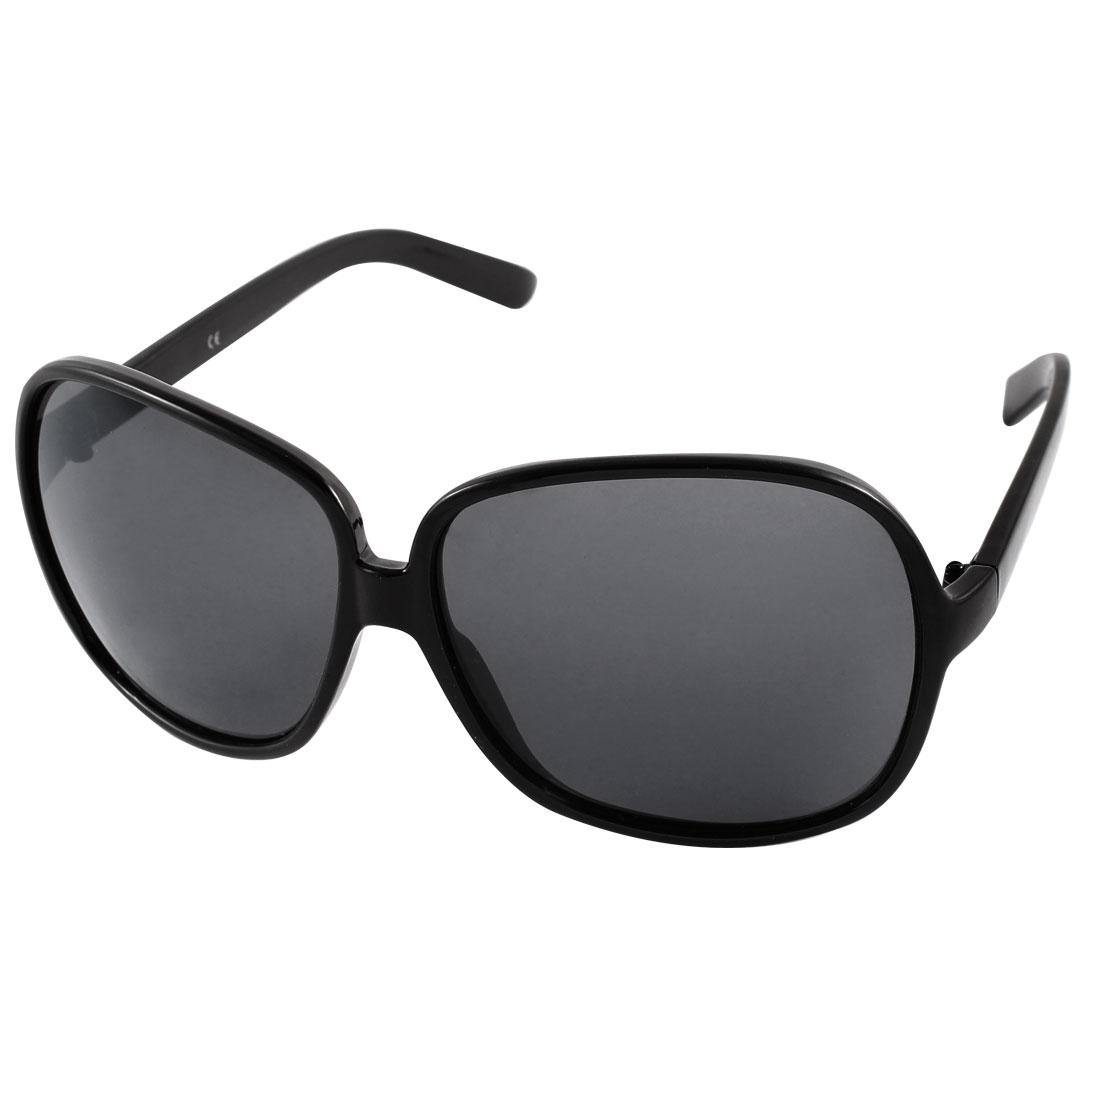 Plastic Unisex Full Frame Outdoor Driving Eyeglasses Sunglasses Black